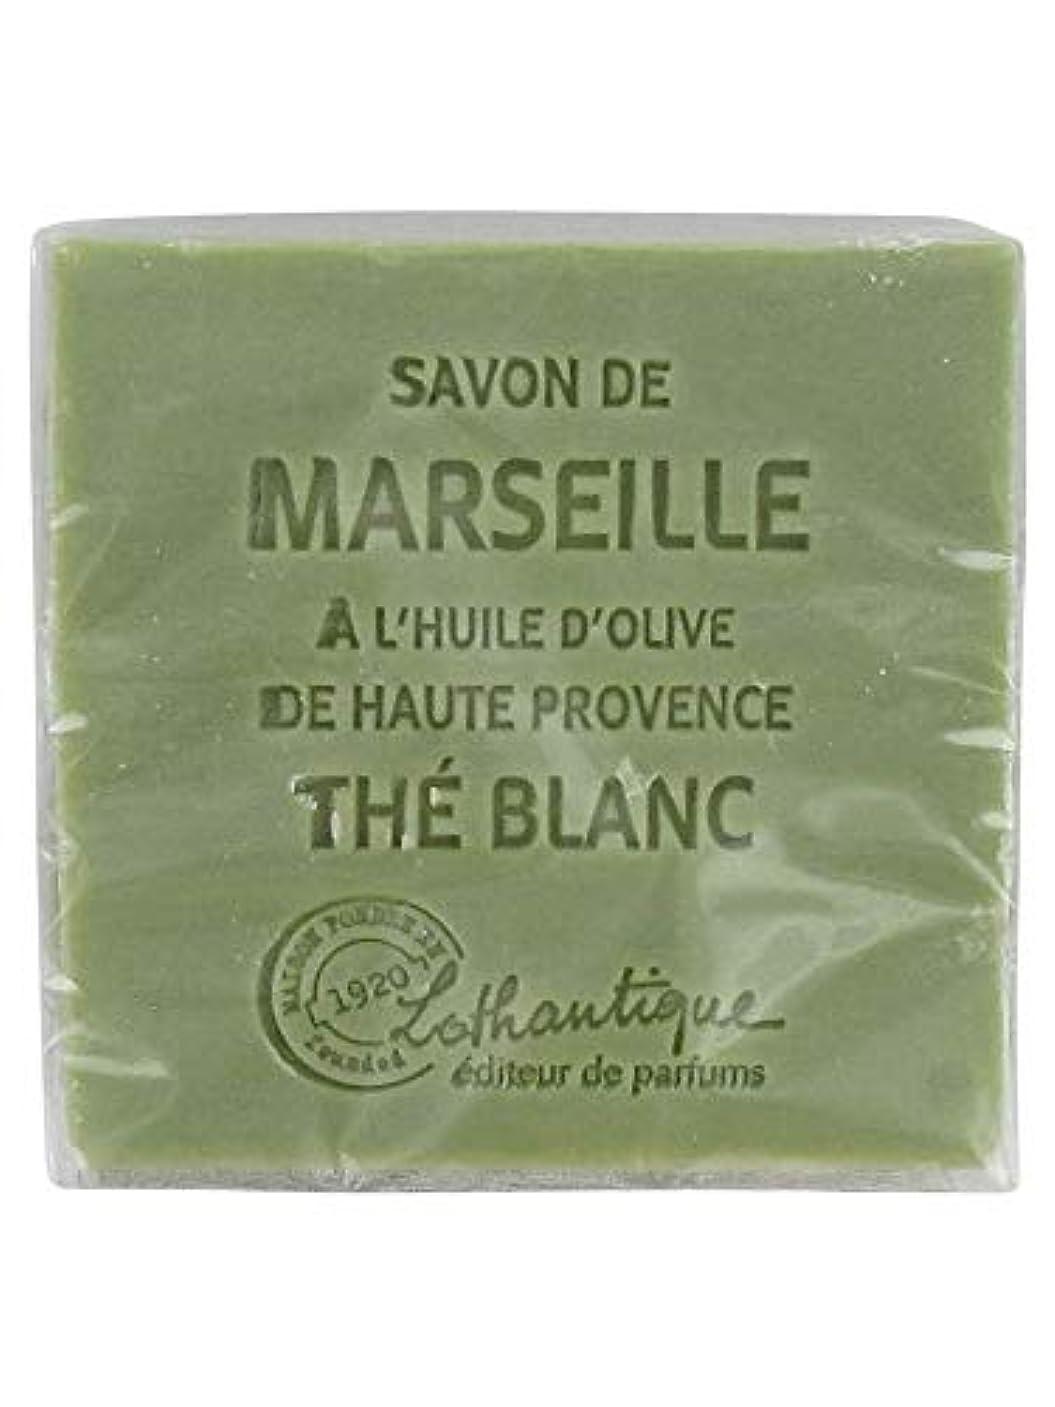 攻撃セールプラスLothantique(ロタンティック) Les savons de Marseille(マルセイユソープ) マルセイユソープ 100g 「ホワイトティー」 3420070038036